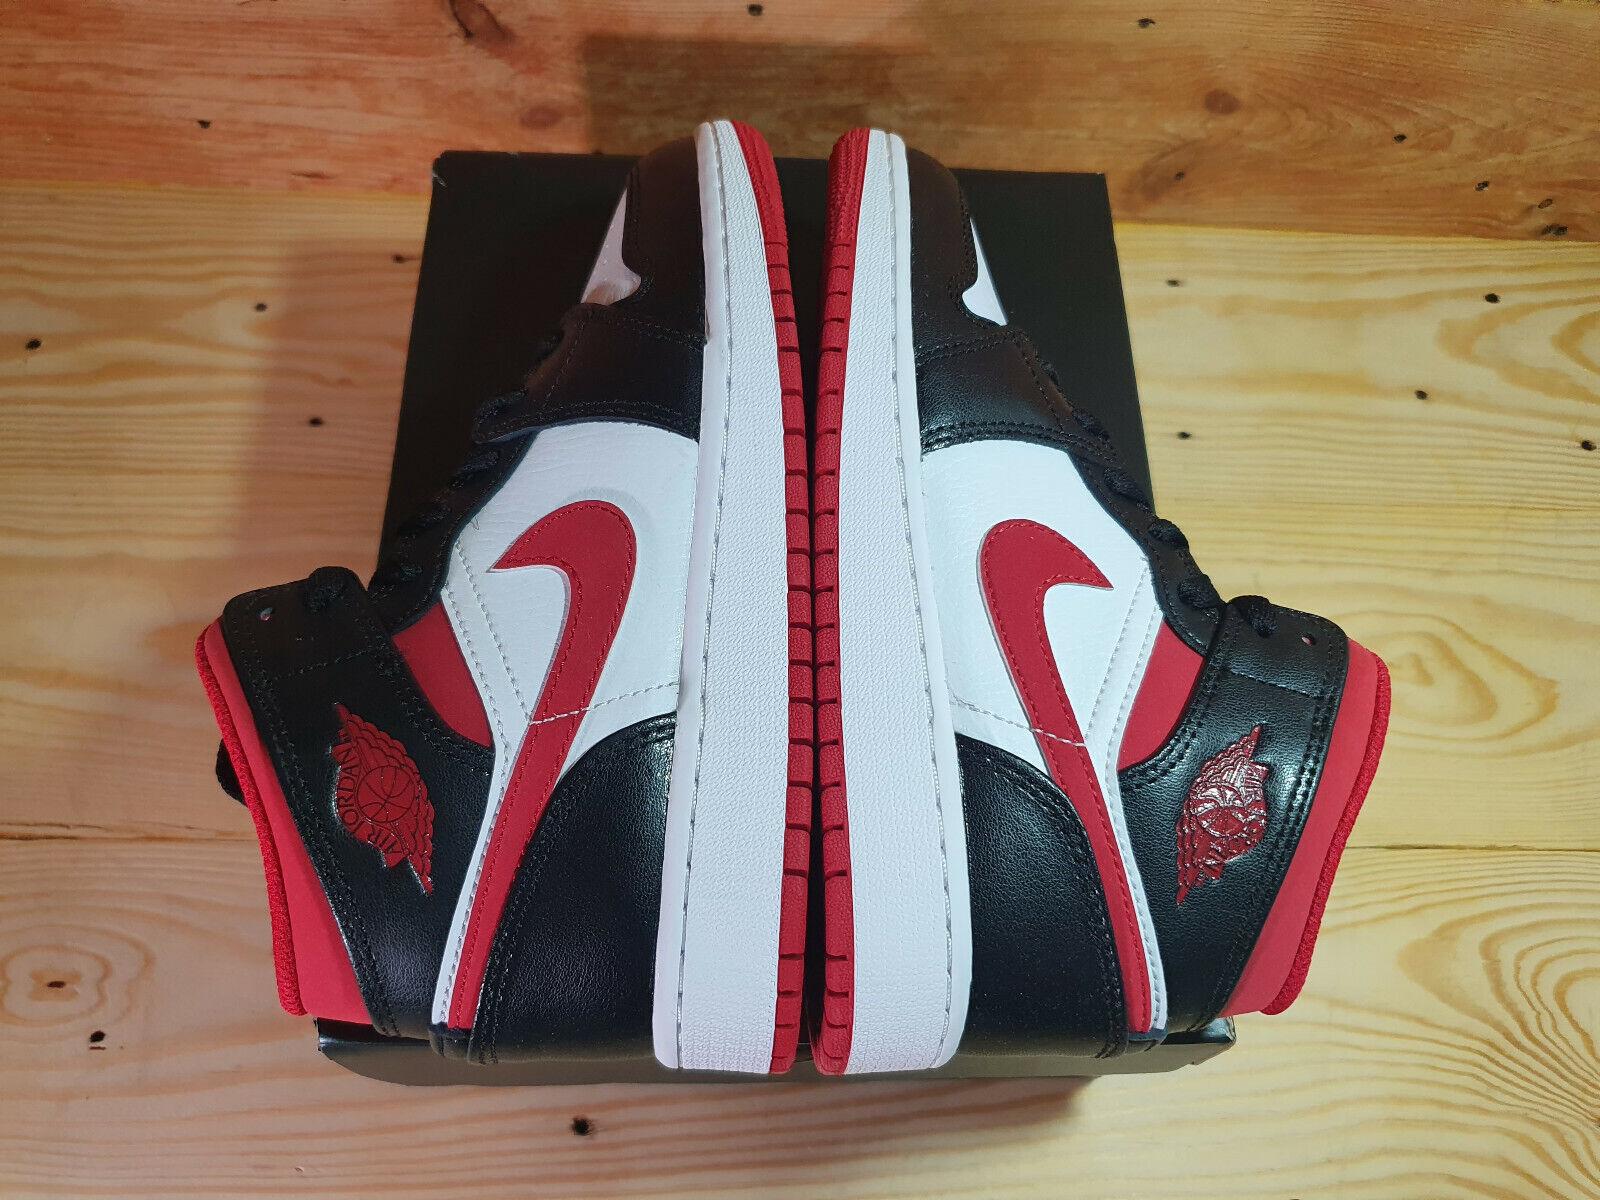 Nike Jordan 1 Mid Gym Red GS UK 3 US 3.5Y IN HAND